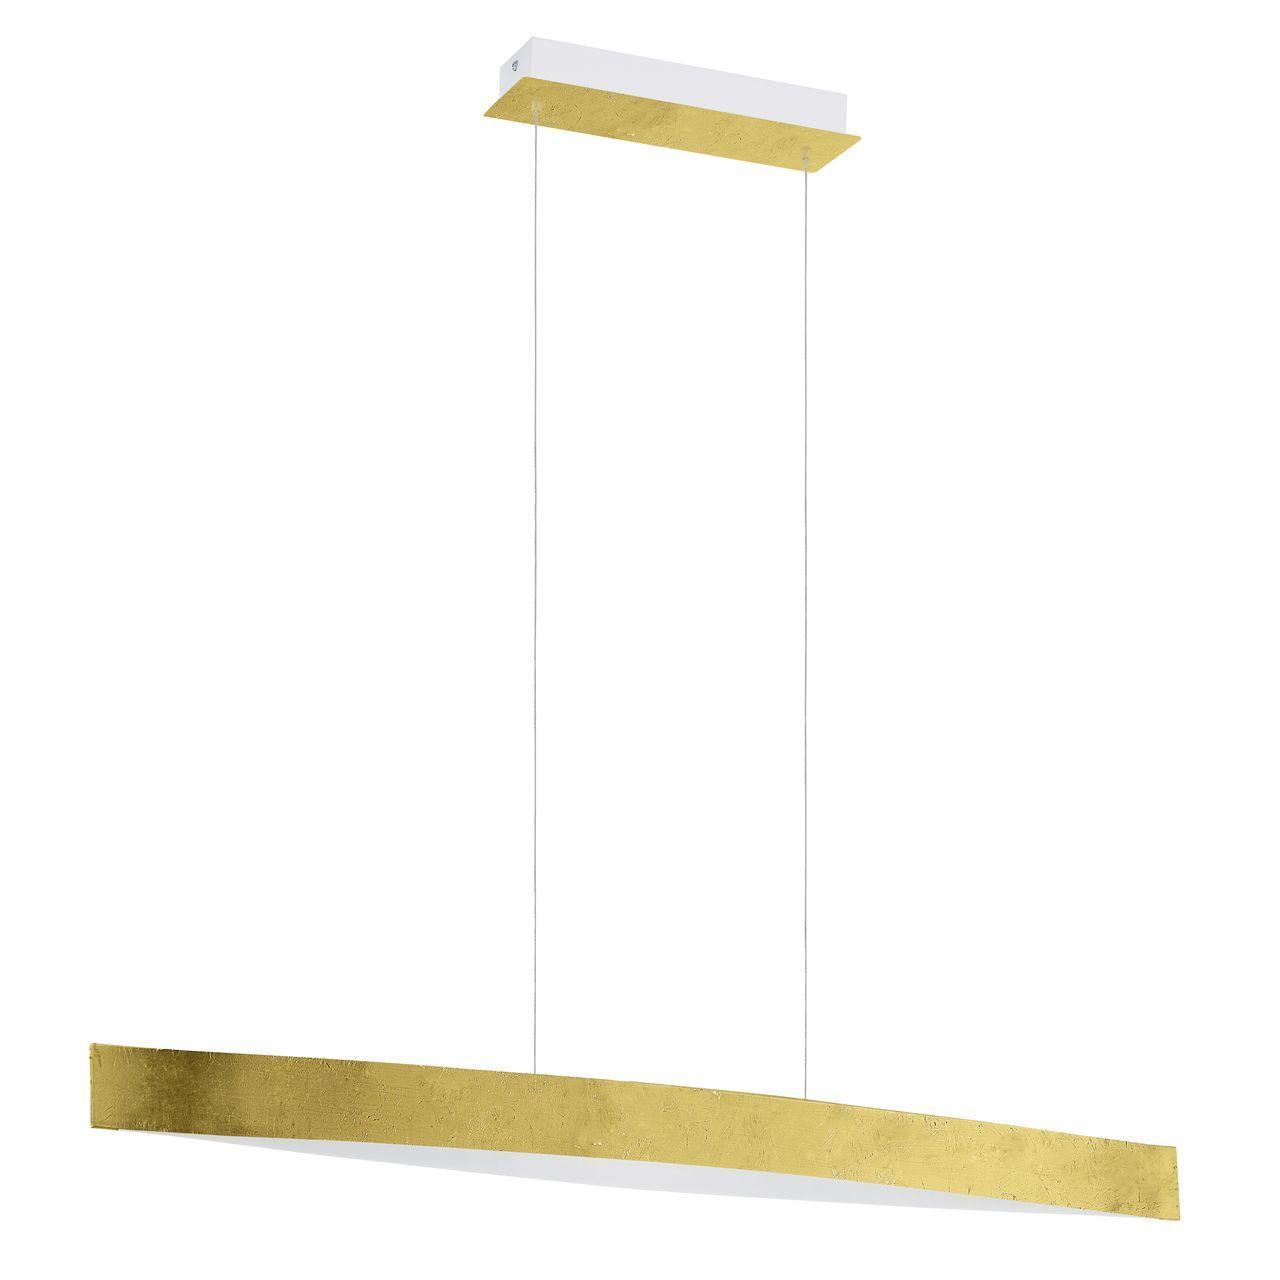 Подвесной светодиодный светильник Eglo Fornes 93341 подвесной светильник eglo fornes 93909